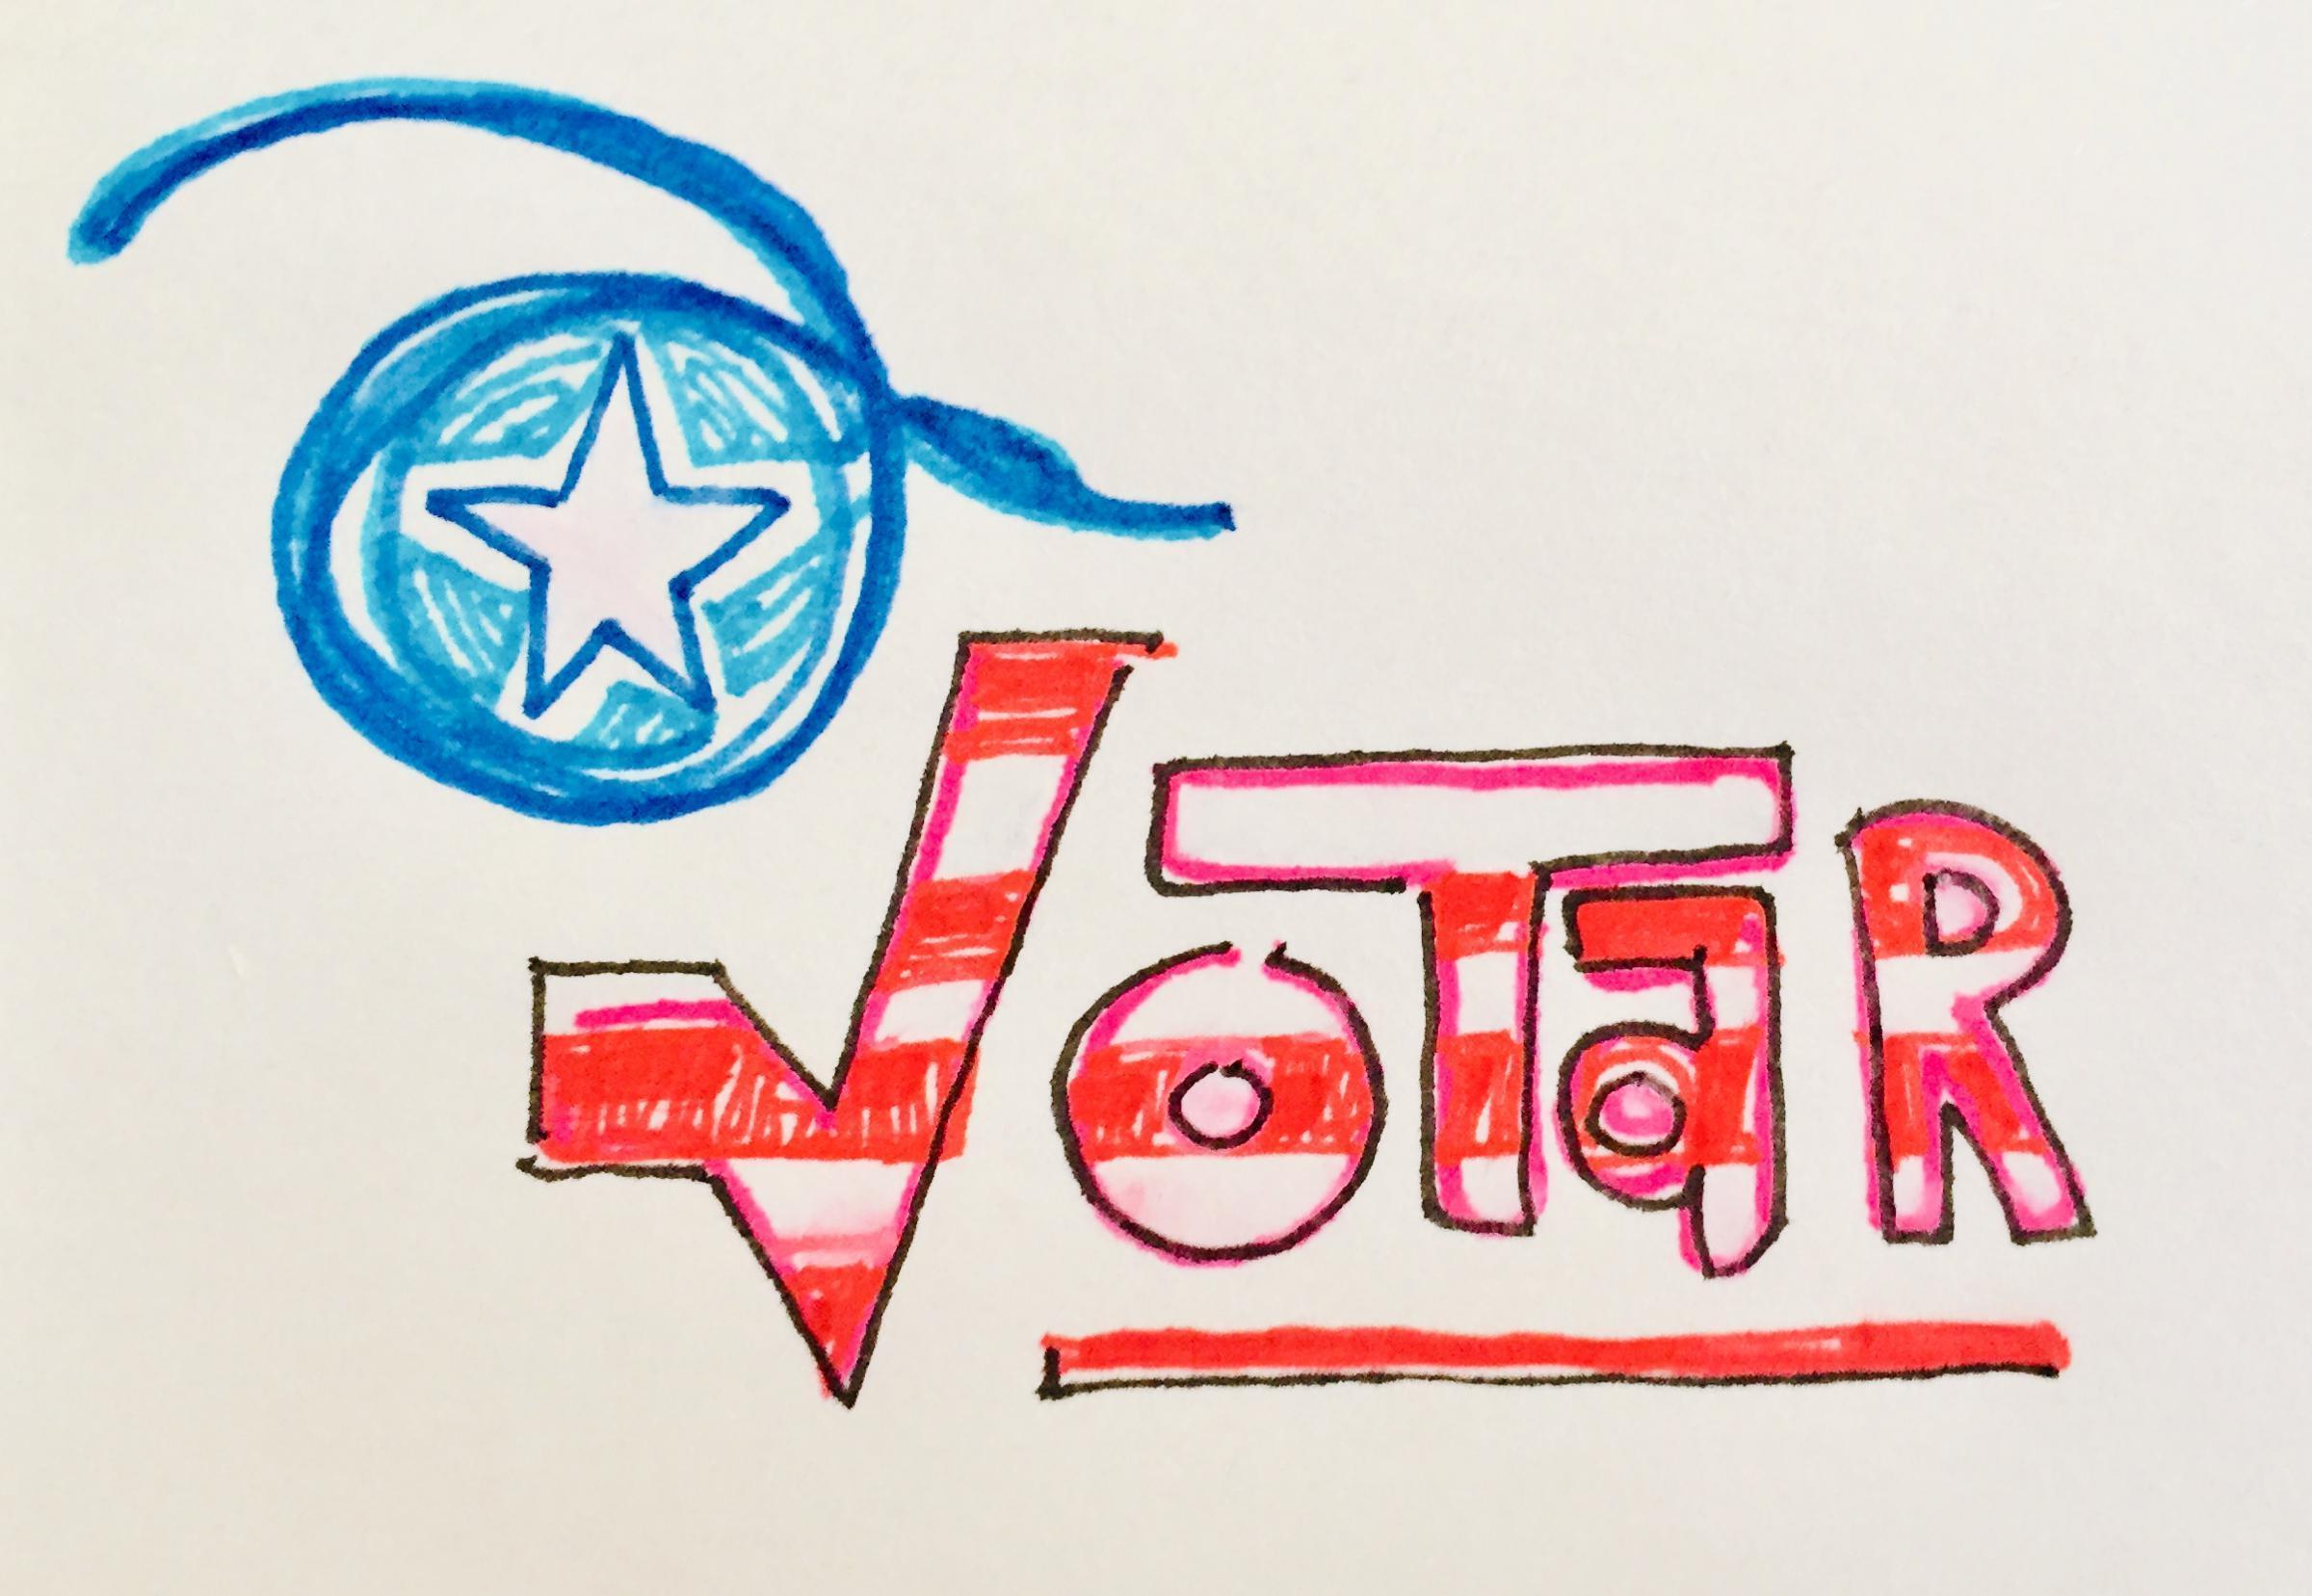 Ya es tarde para votar por correo pero aún hay tiempo para registrarte y votar en persona. thumbnail